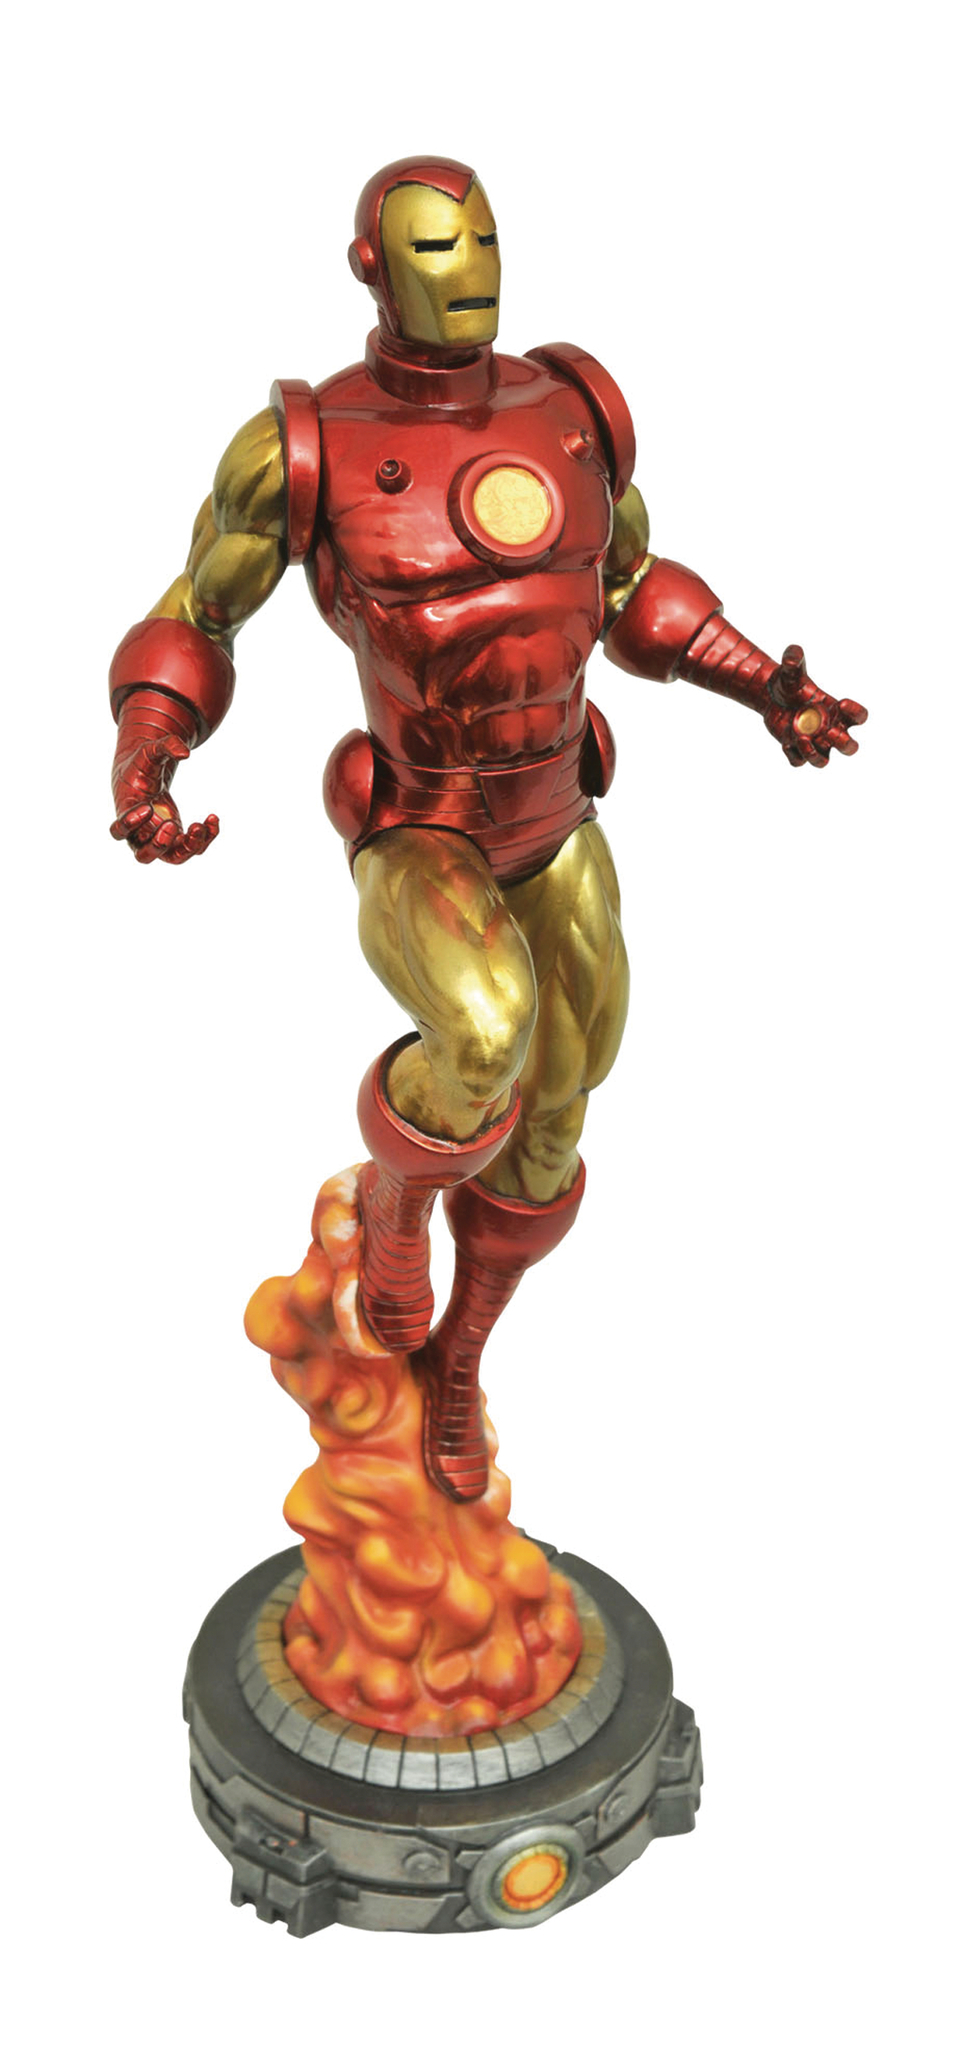 Марвел Галерея фигурка Классический Железный человек — Marvel Gallery Classic Iron Man